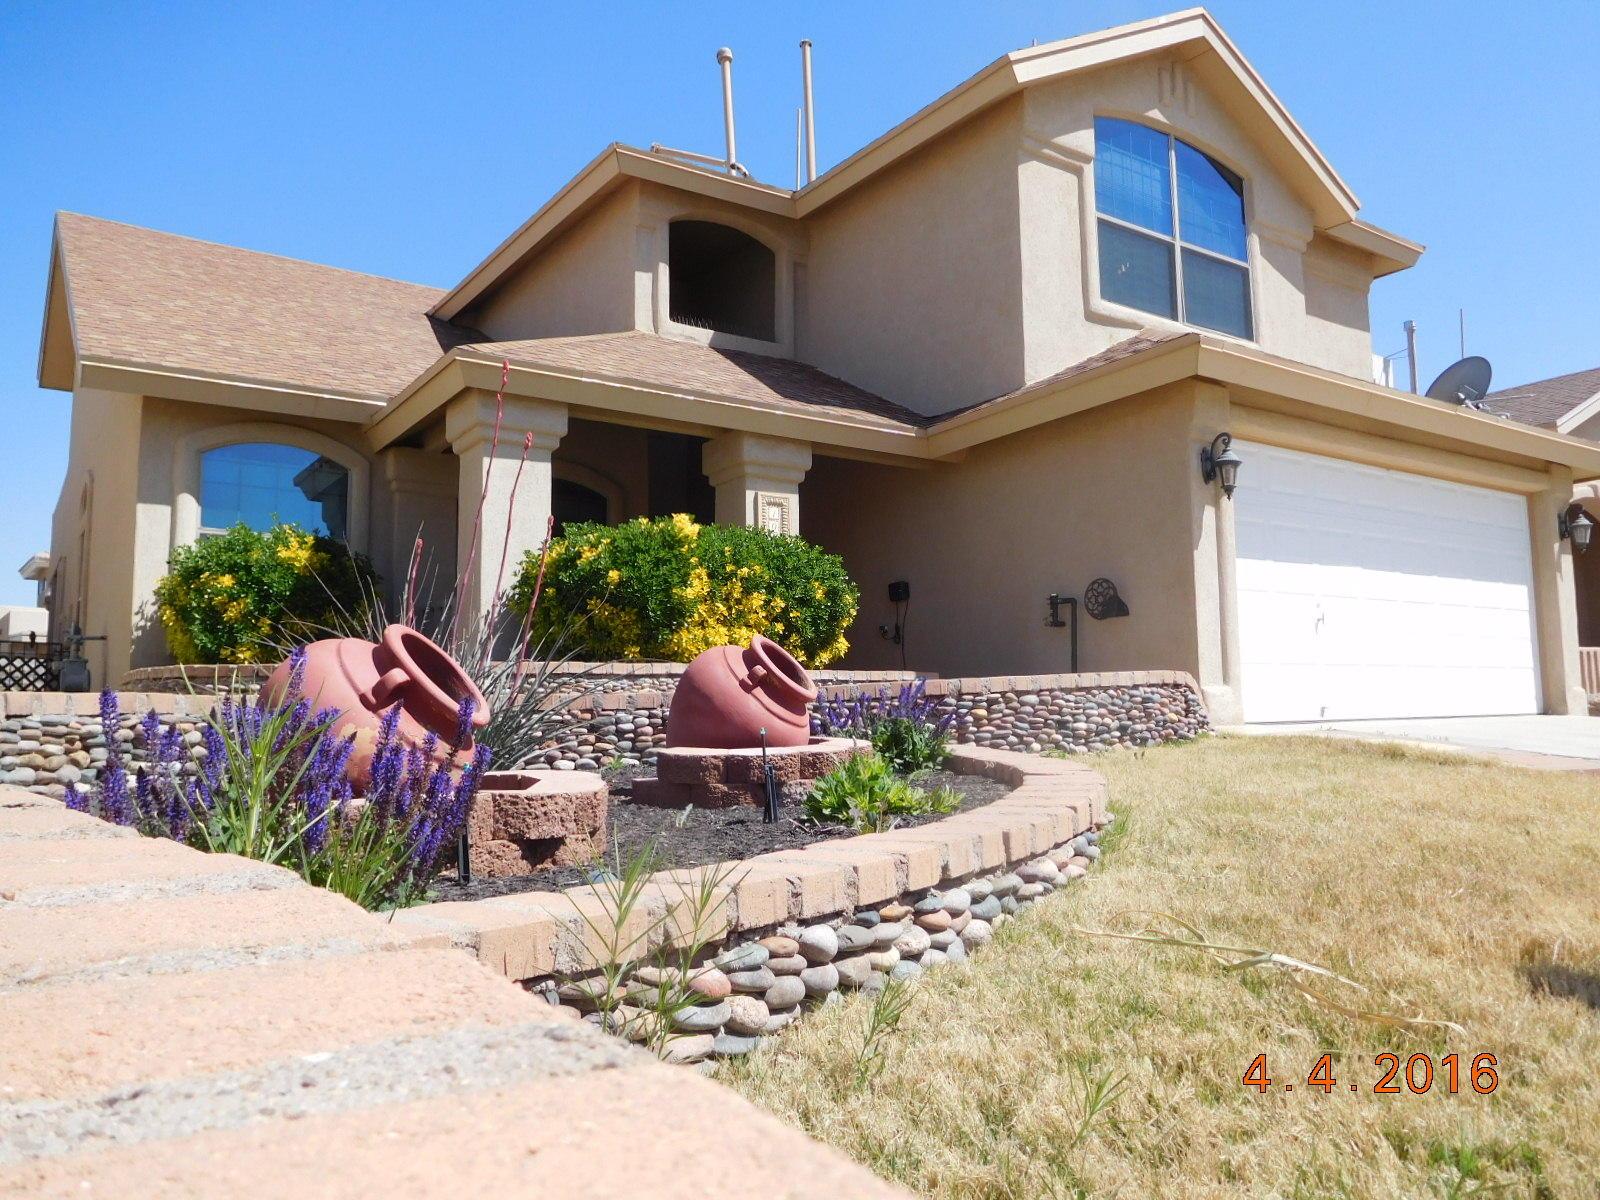 10818 AARON Street, El Paso, Texas 79924, 3 Bedrooms Bedrooms, ,3 BathroomsBathrooms,Residential Rental,For Rent,AARON,835958